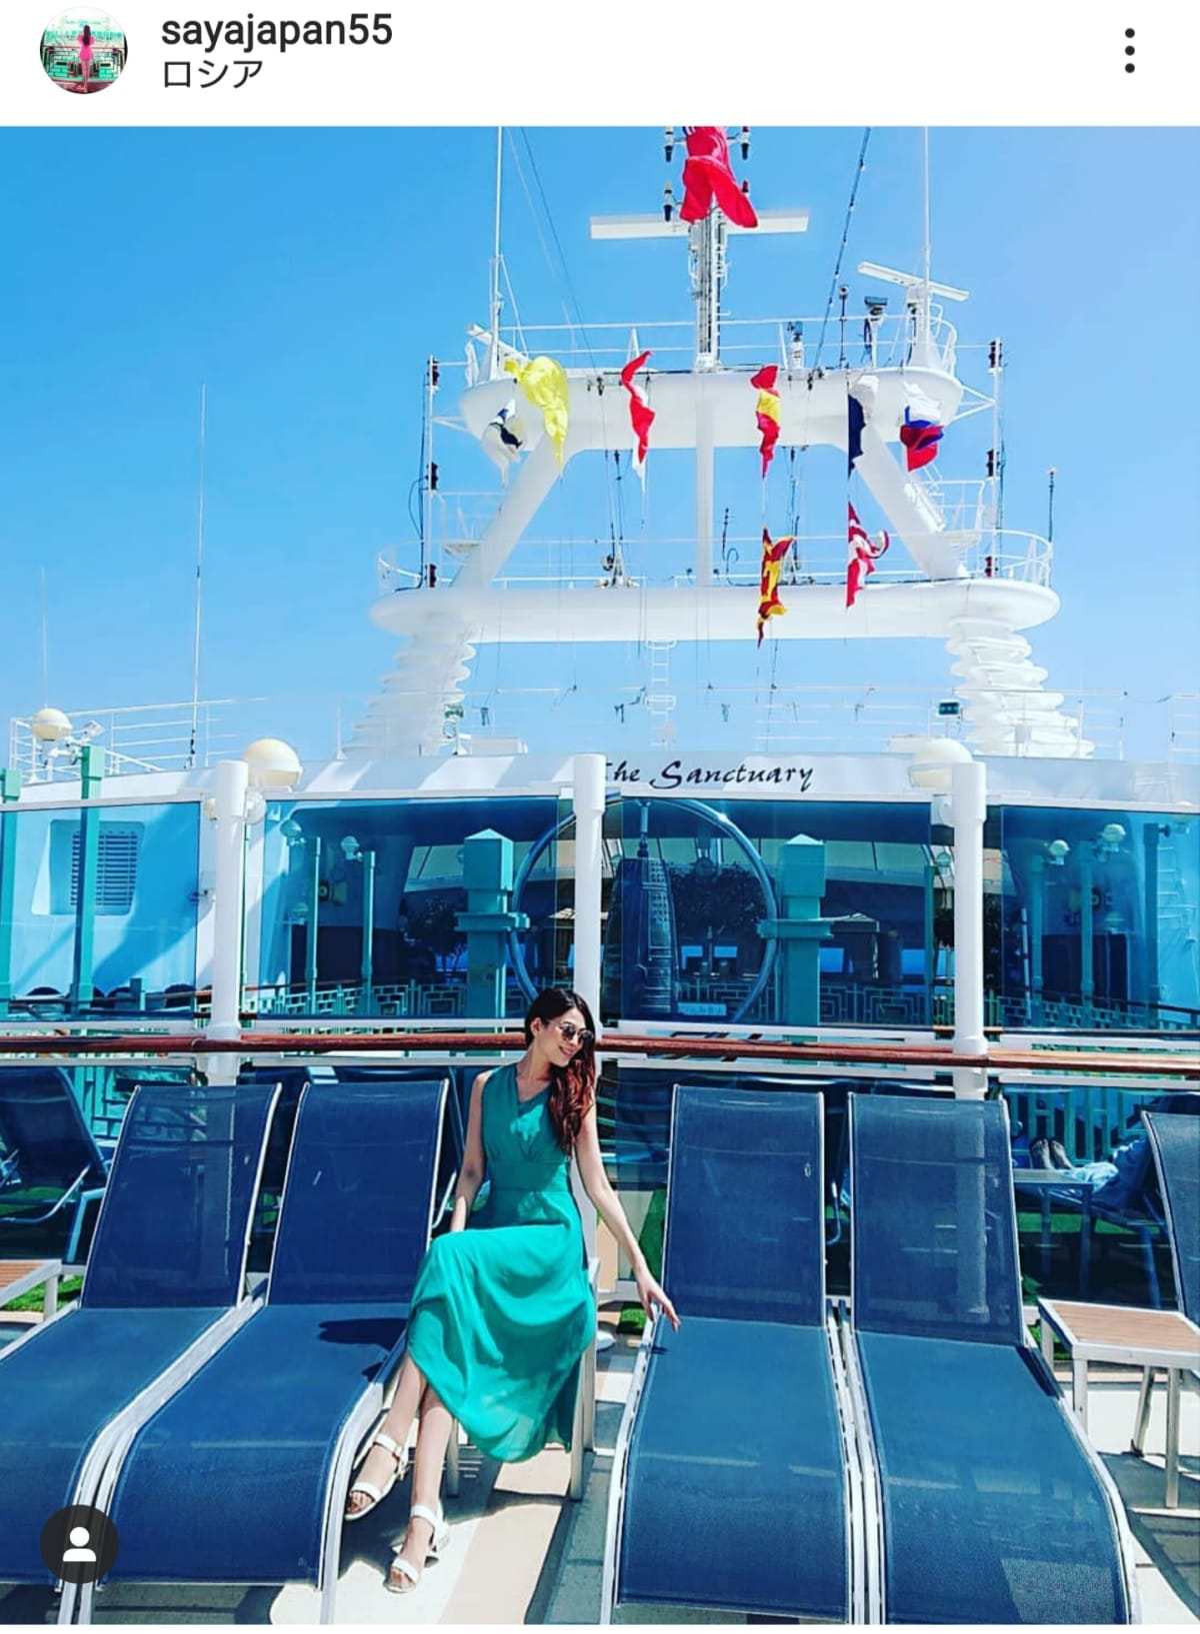 まったりです。 | 客船ダイヤモンド・プリンセスの船内施設